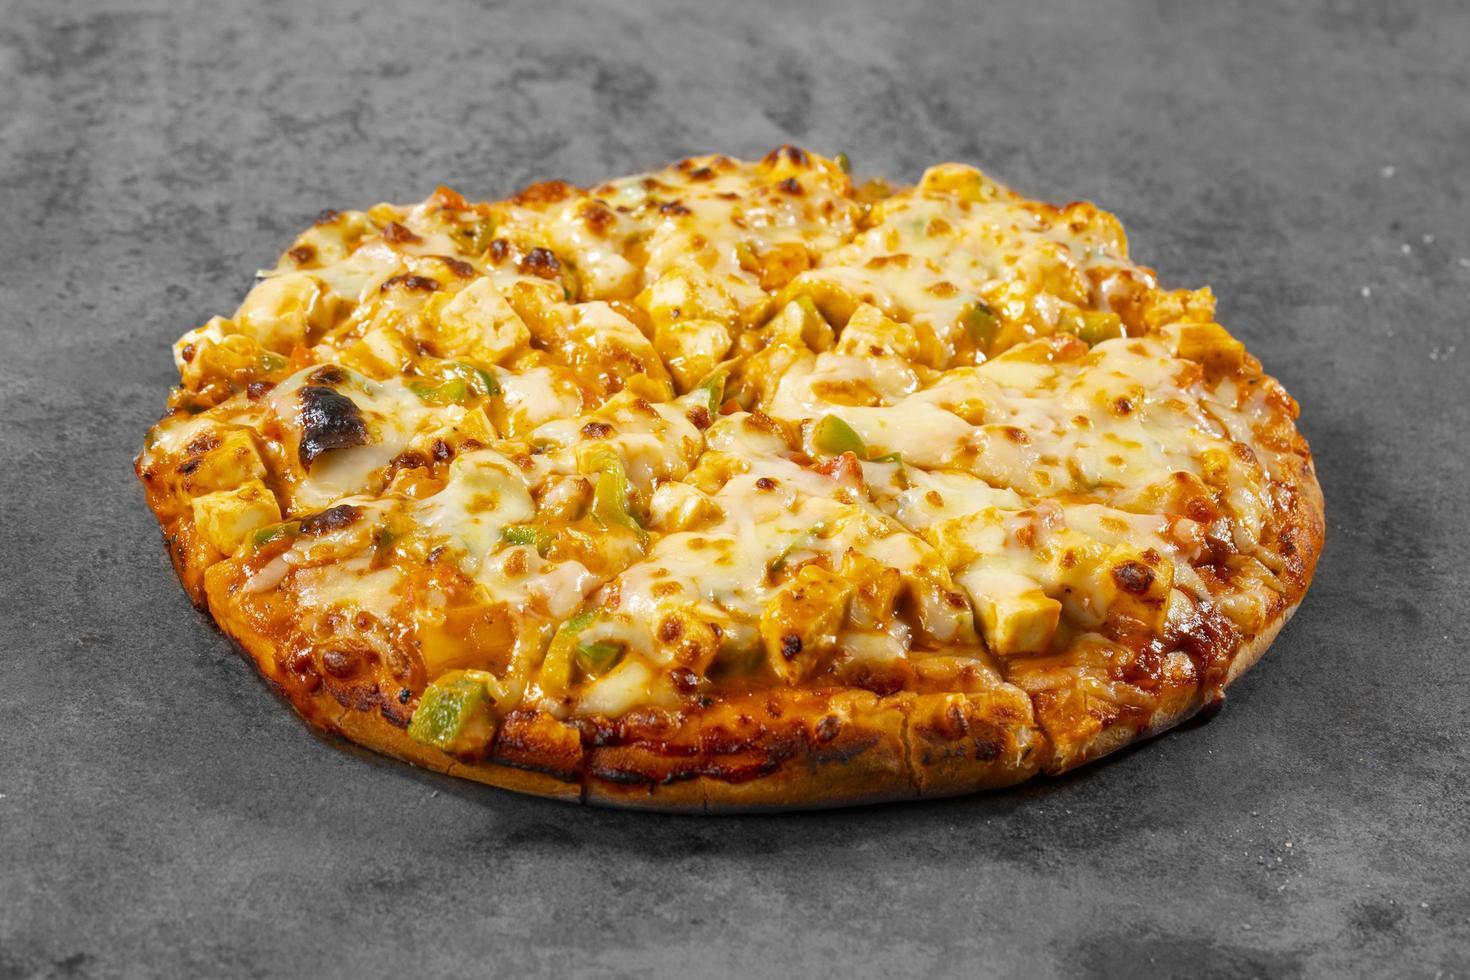 stile indiano di pizza paneer piatto italiano foto